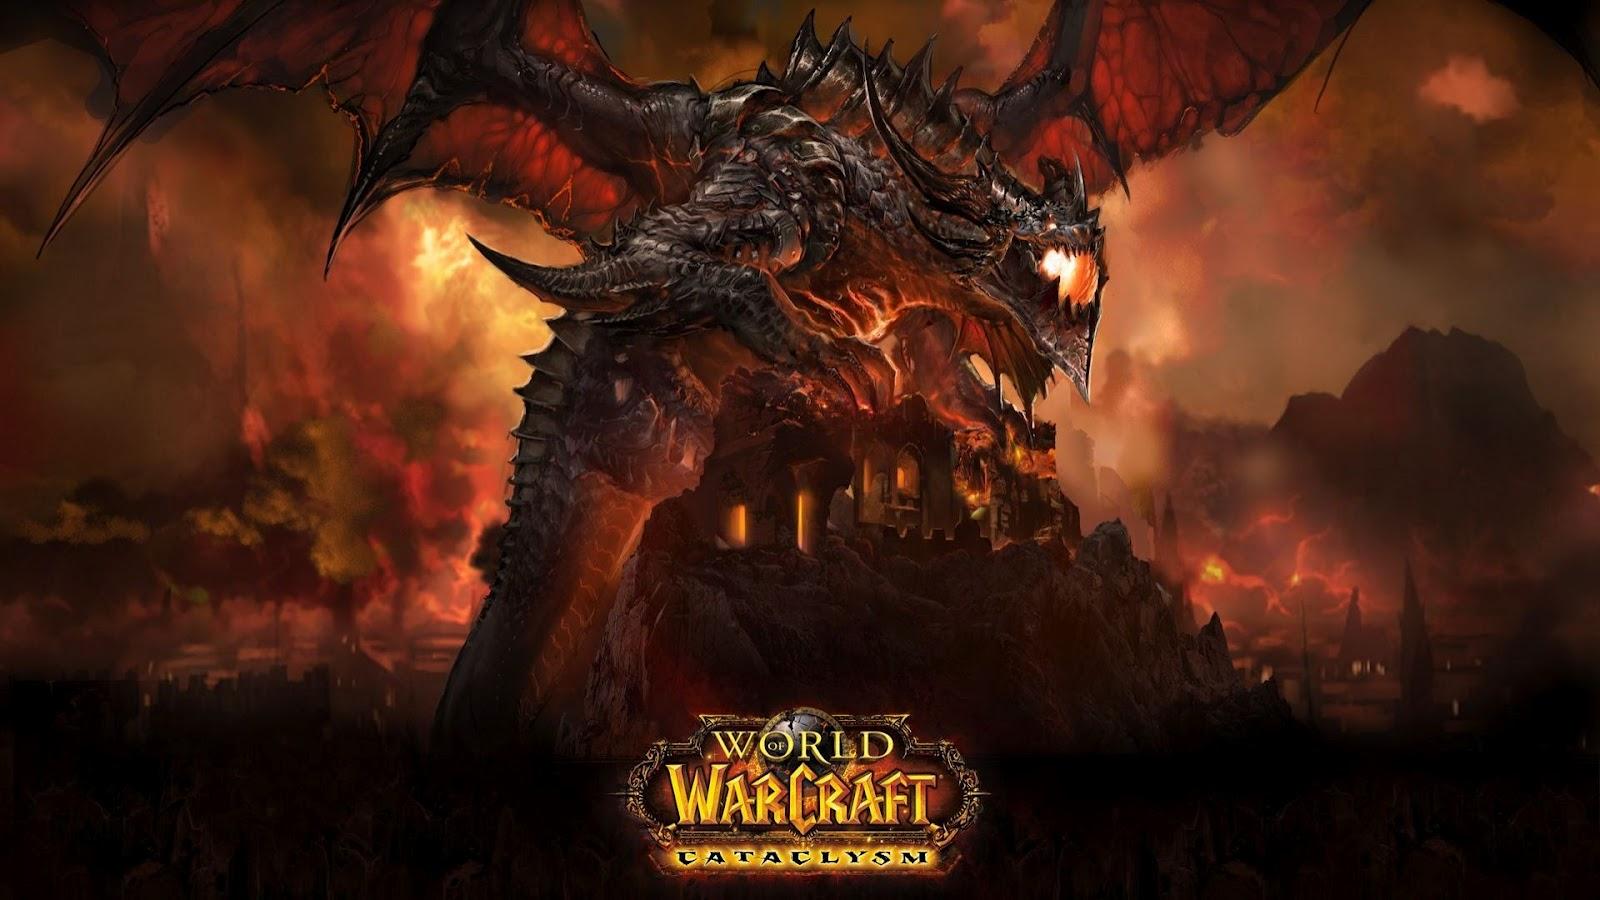 http://2.bp.blogspot.com/-pvoLjTz_nys/UA6p212KwjI/AAAAAAAAA24/LCbq9RliHzk/s1600/World+of+Warcraft+wallpapers++deathwing_1920x1080.jpg